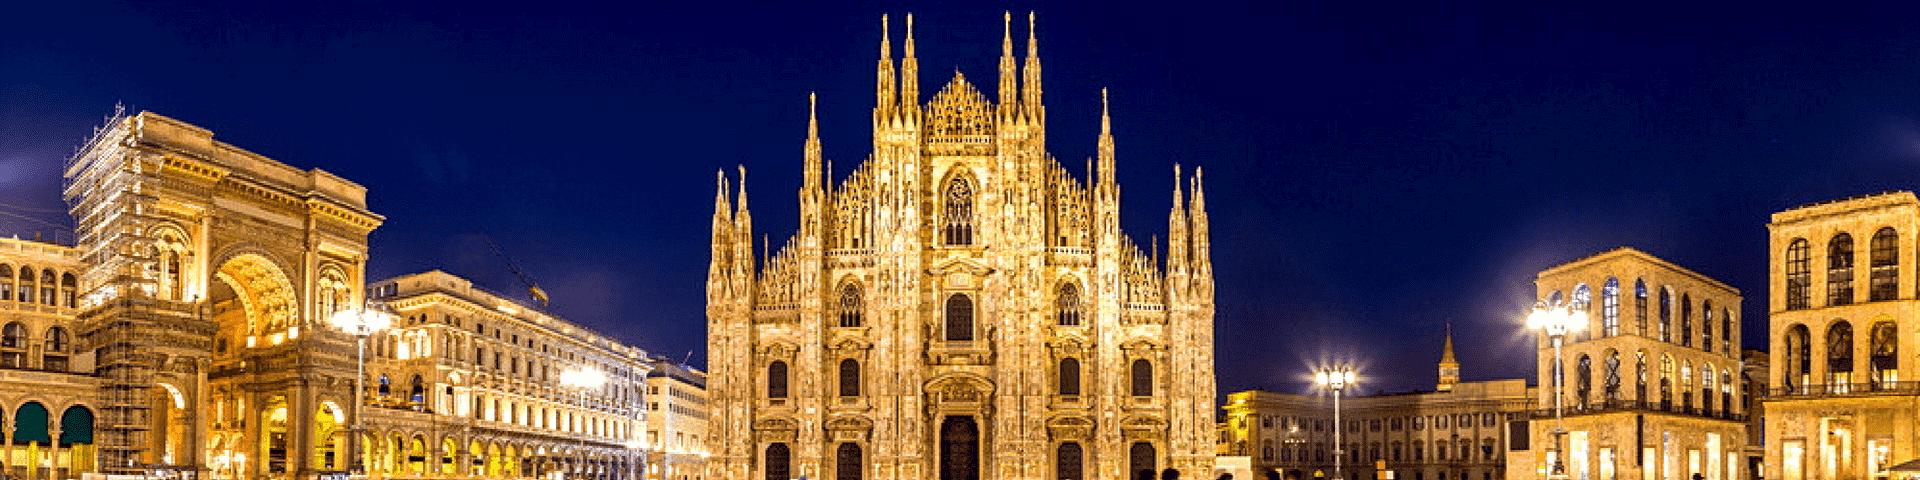 Night Tours of Milan